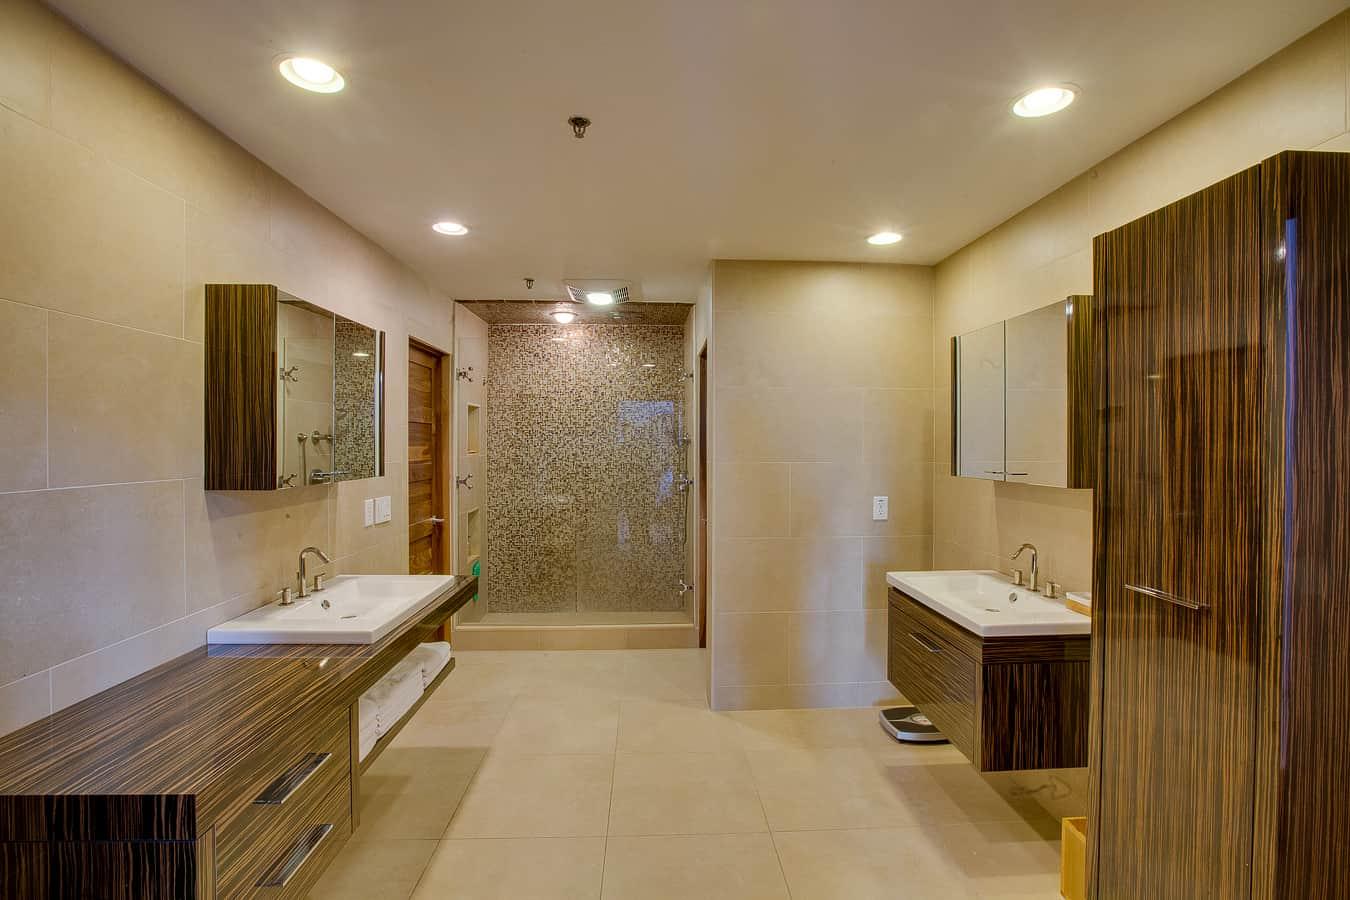 Ann Sacks Tile Home Design Contemporary Tile Design Ideas From